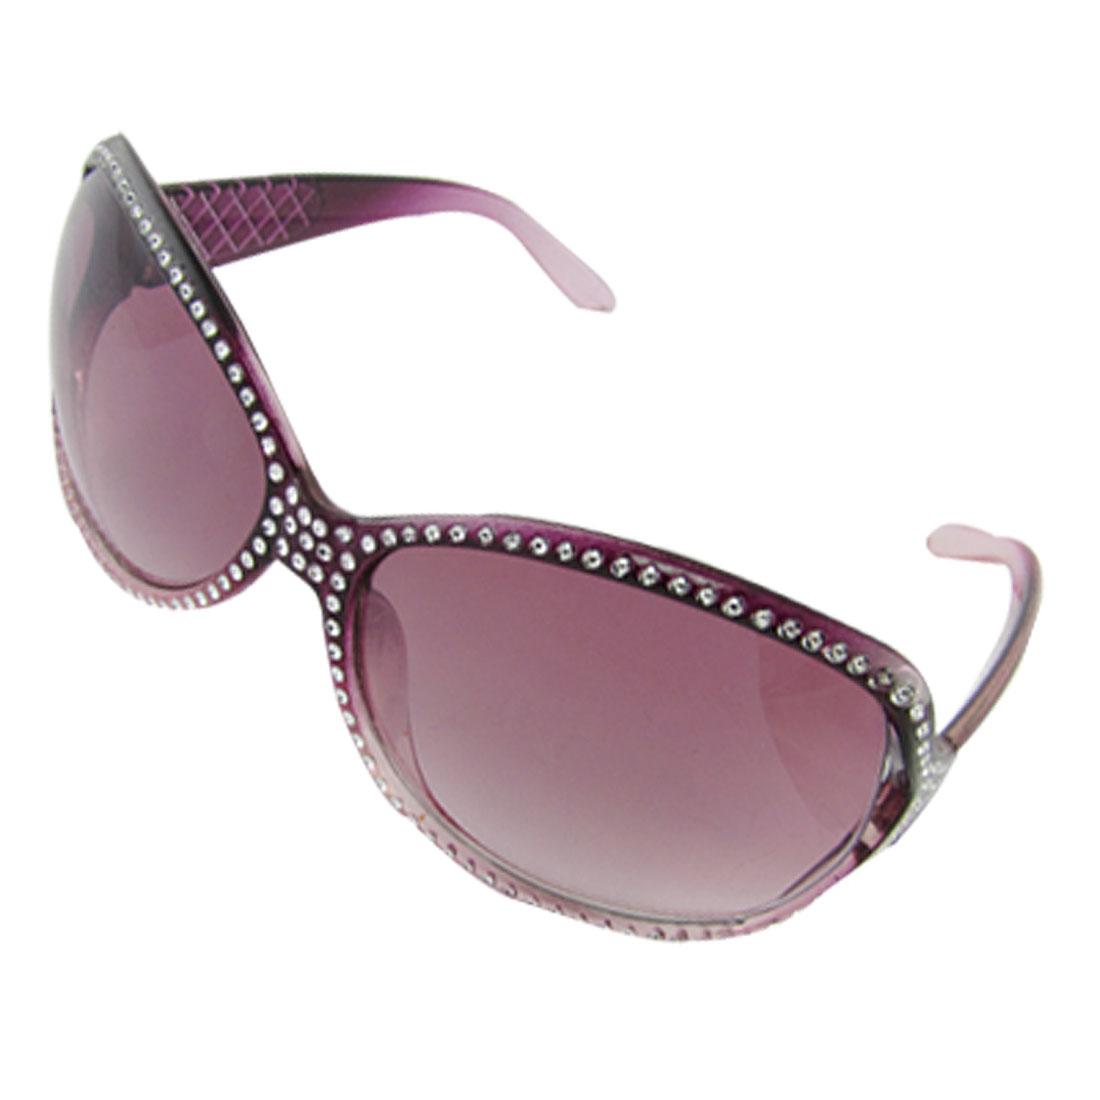 Purple Plastic Full Rim Fashion Sunglasses for Ladies